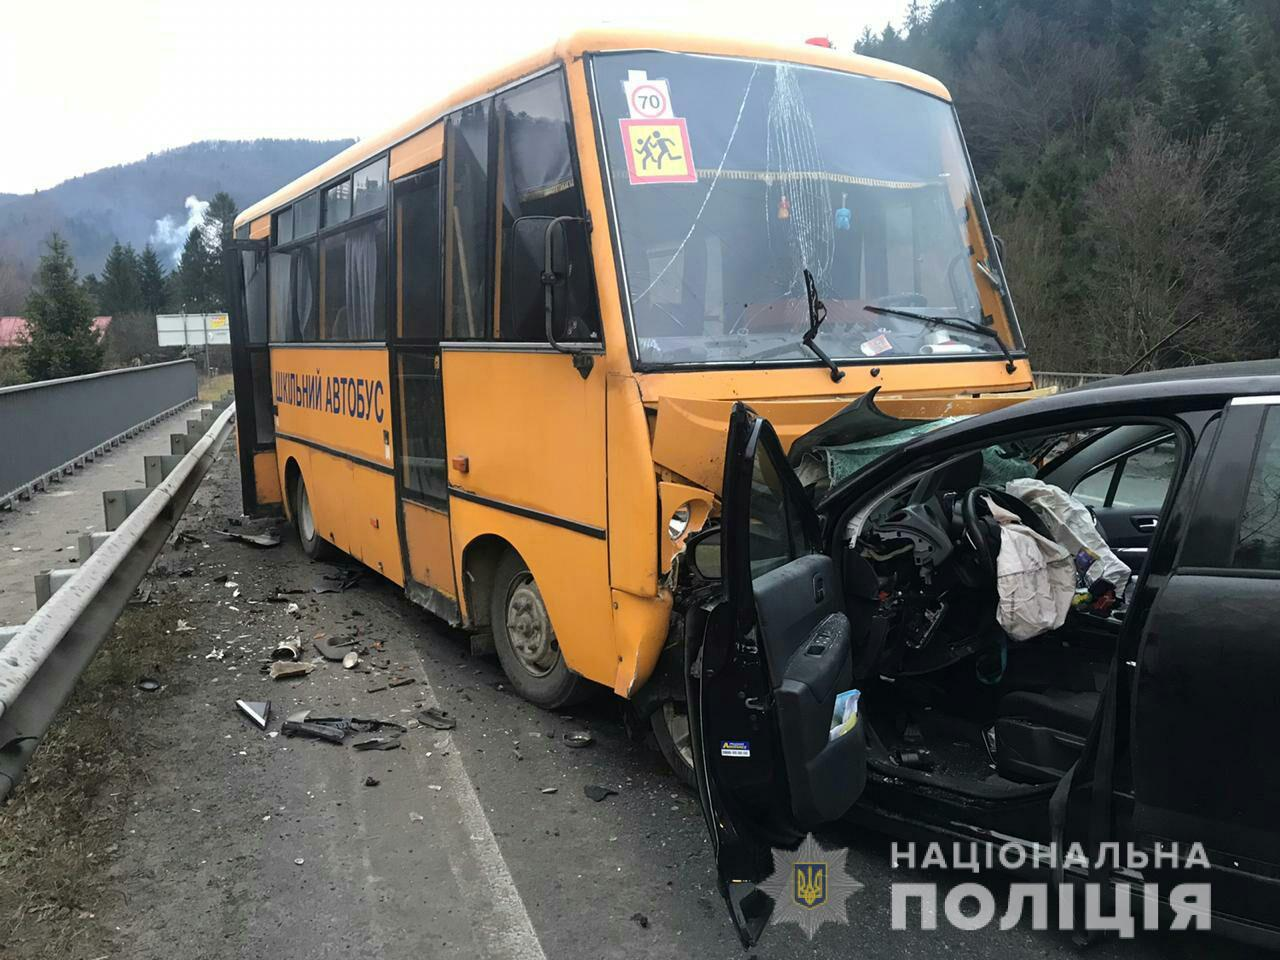 На Львовщине в ДТП попал школьный автобус: пострадали дети